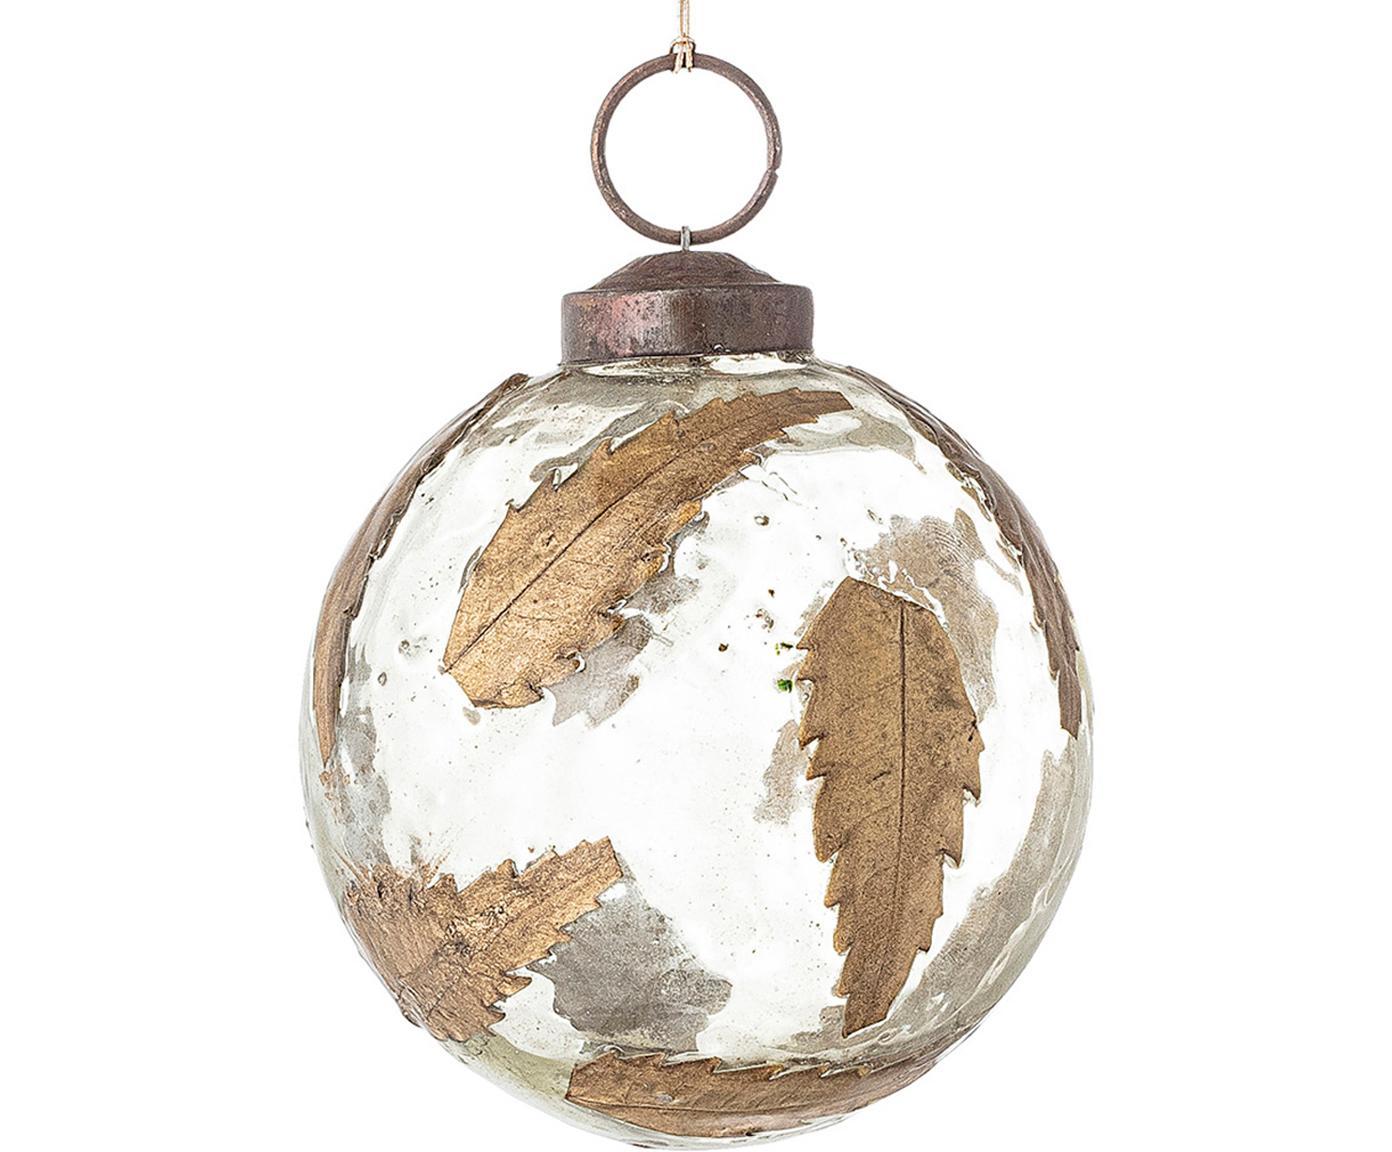 Kerstbal Brask, Glas, metaal, Transparant, messingkleurig, Ø 7 cm